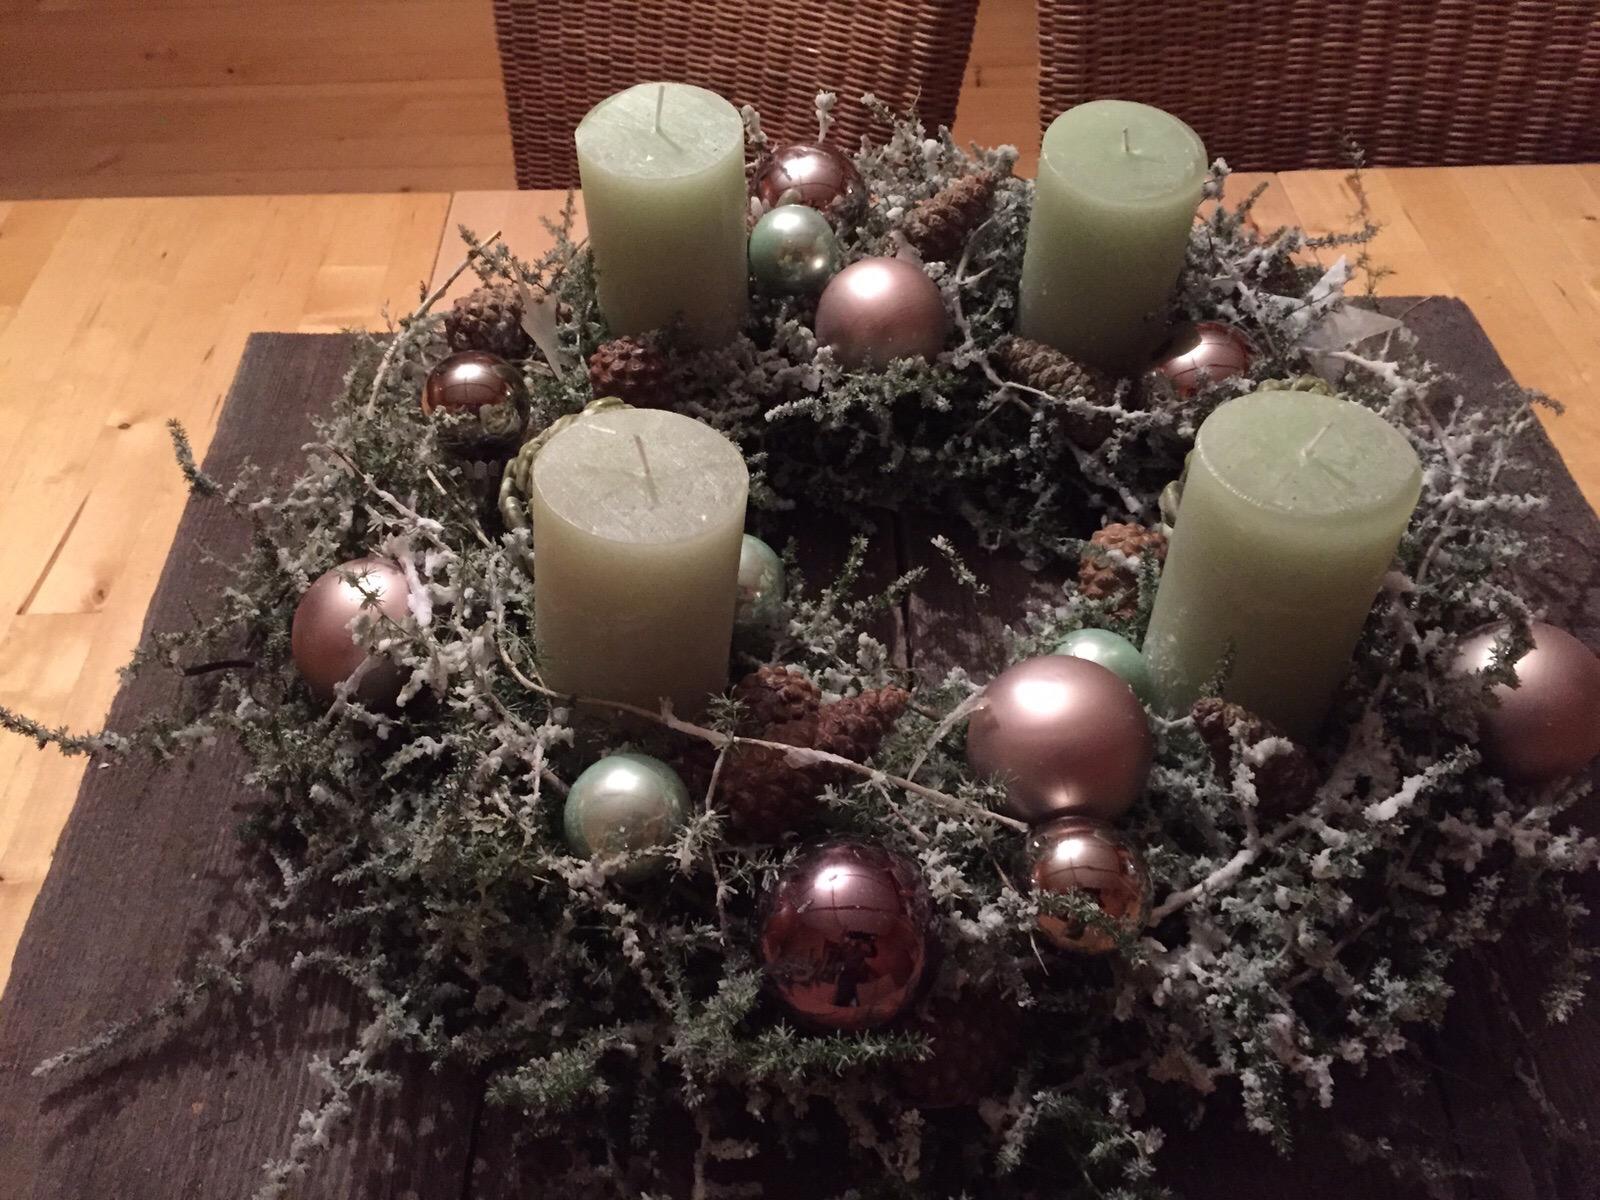 Individuelle floristik calamandrin for Weihnachtstrends 2016 floristik